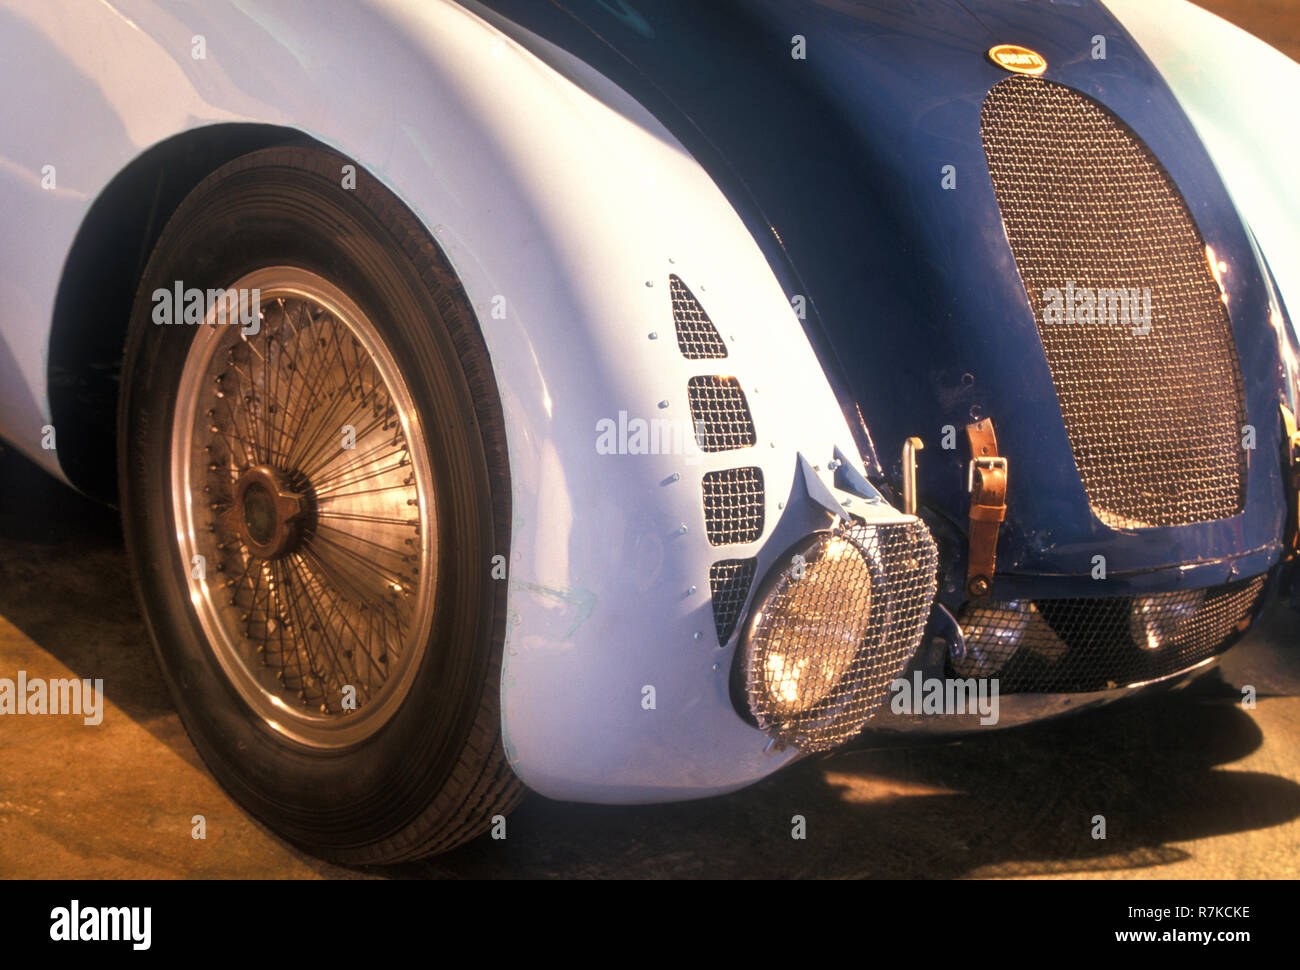 1936 Bugatti Type 57G Tank racing car - Stock Image